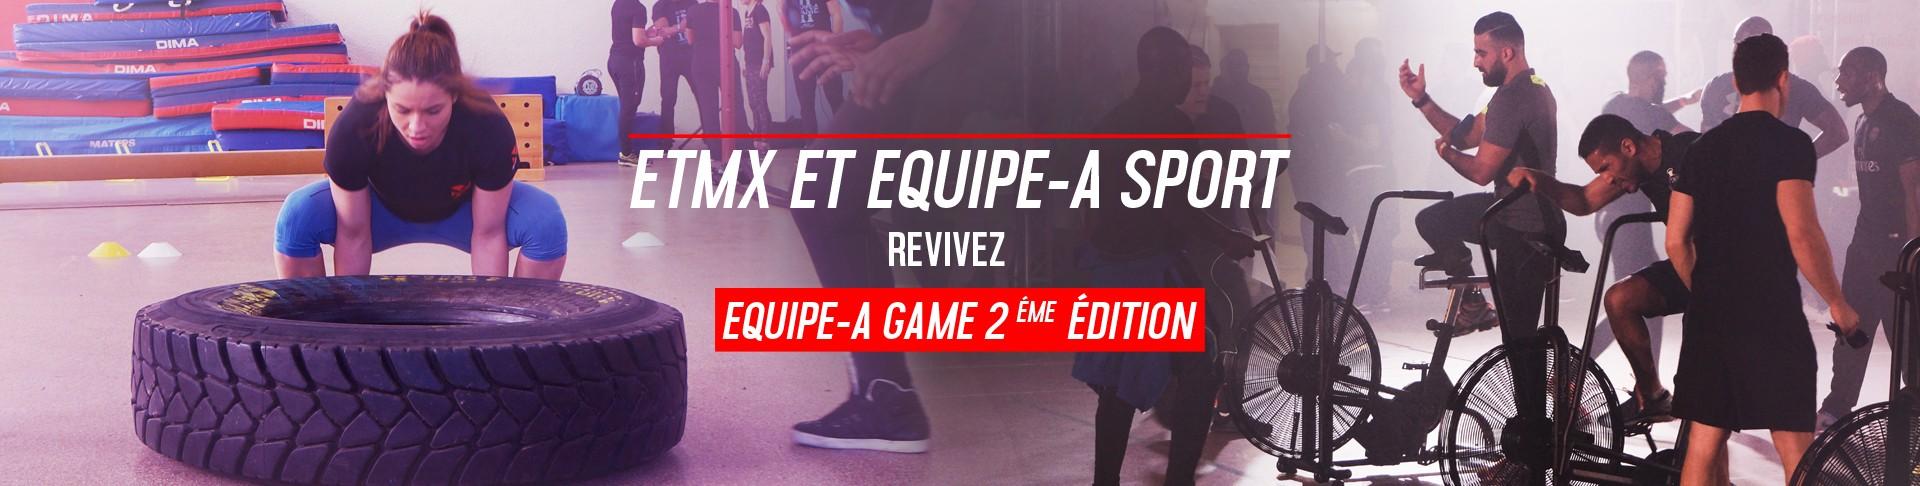 Retour Equipe-A Game